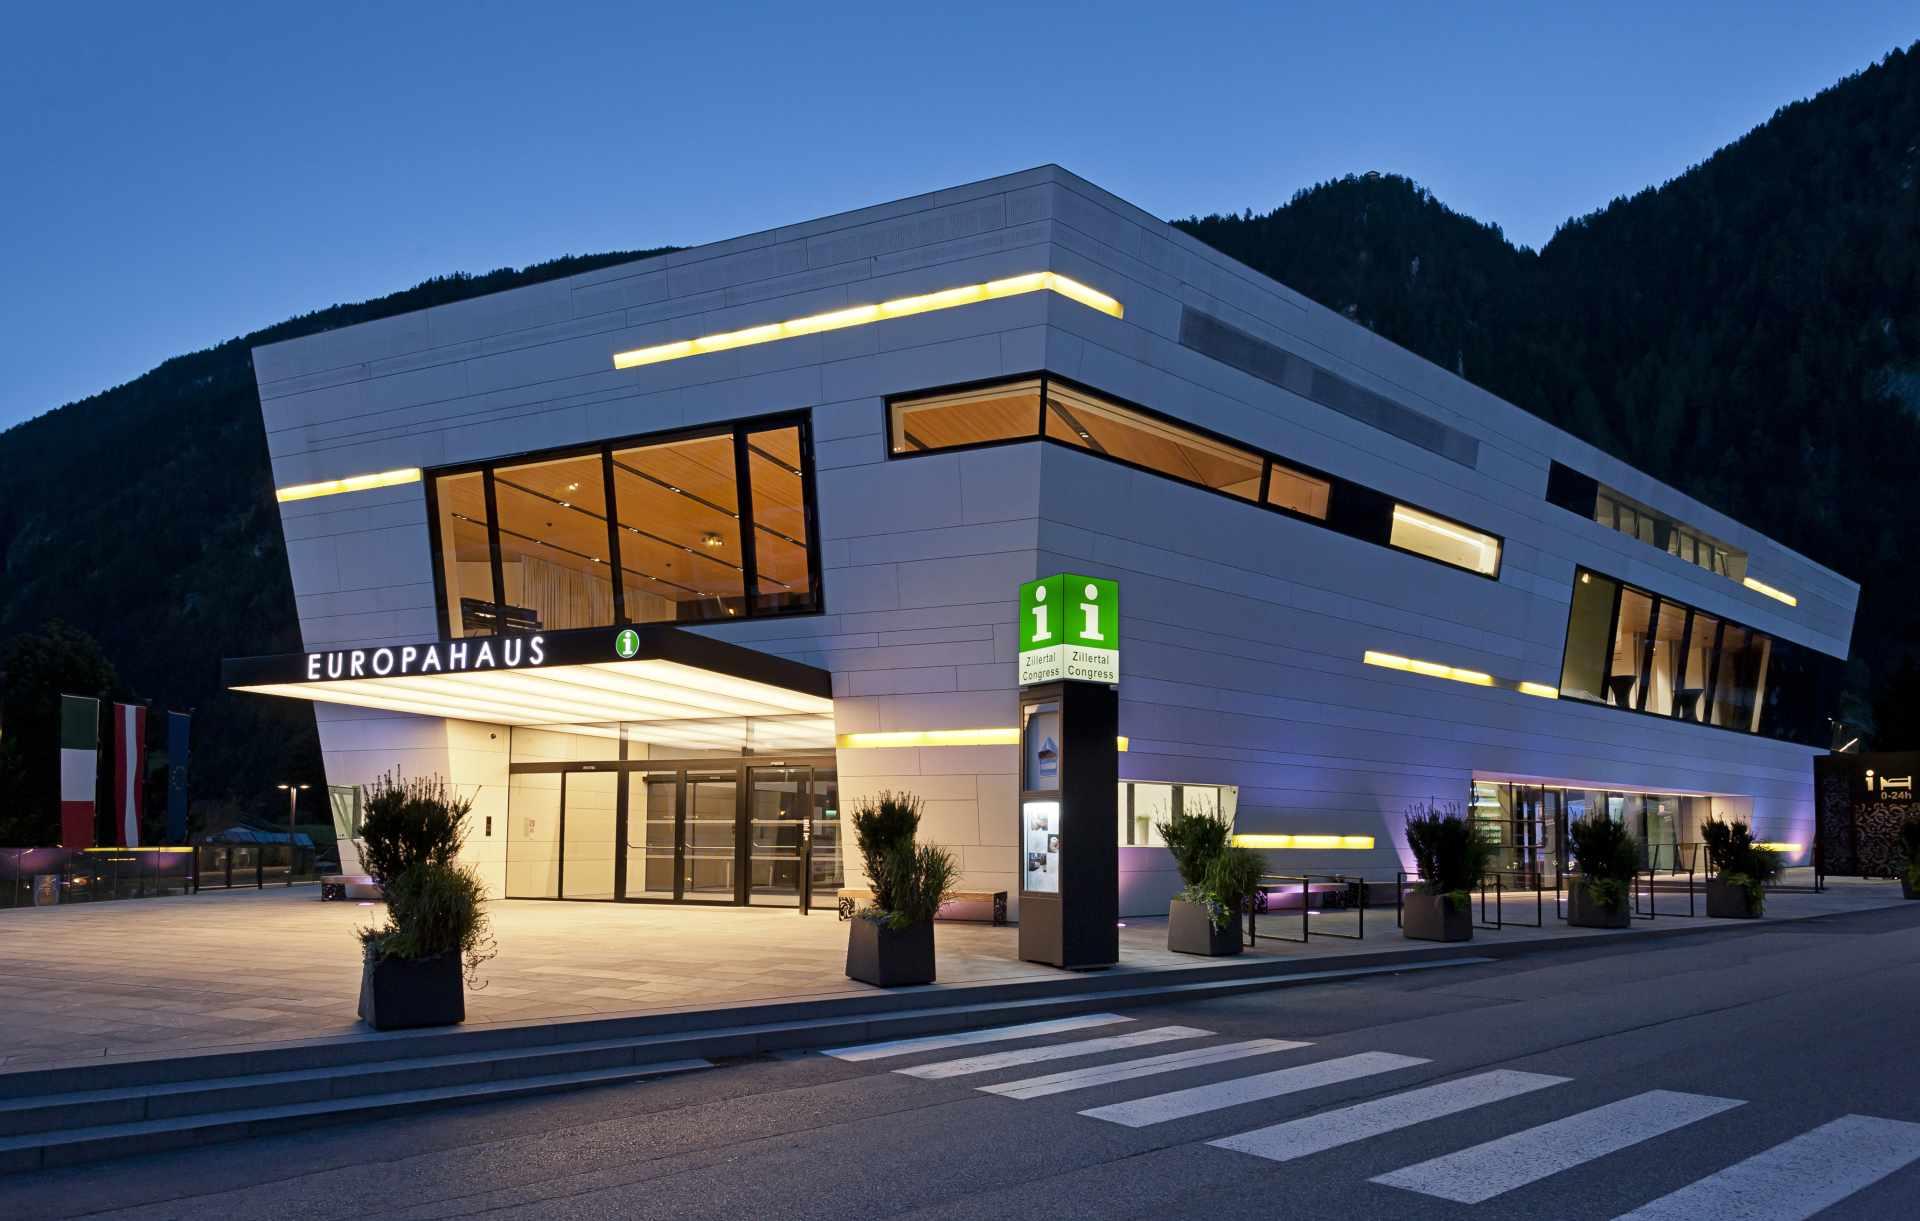 Europahaus in Mayrhofen am Abend